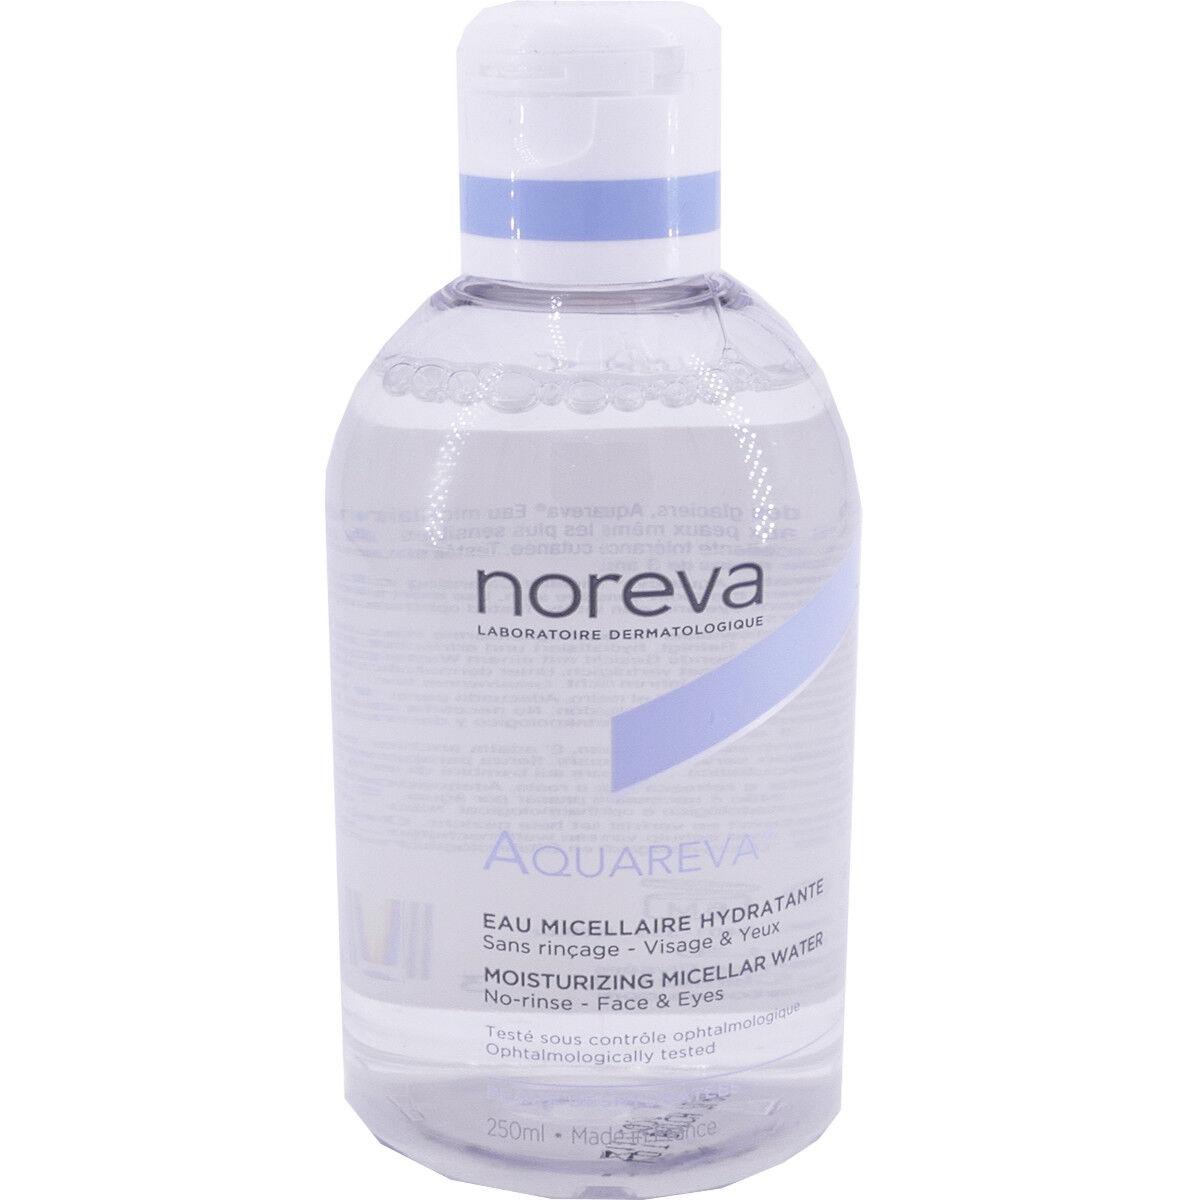 Noreva aquareva eau micellaire 250 ml